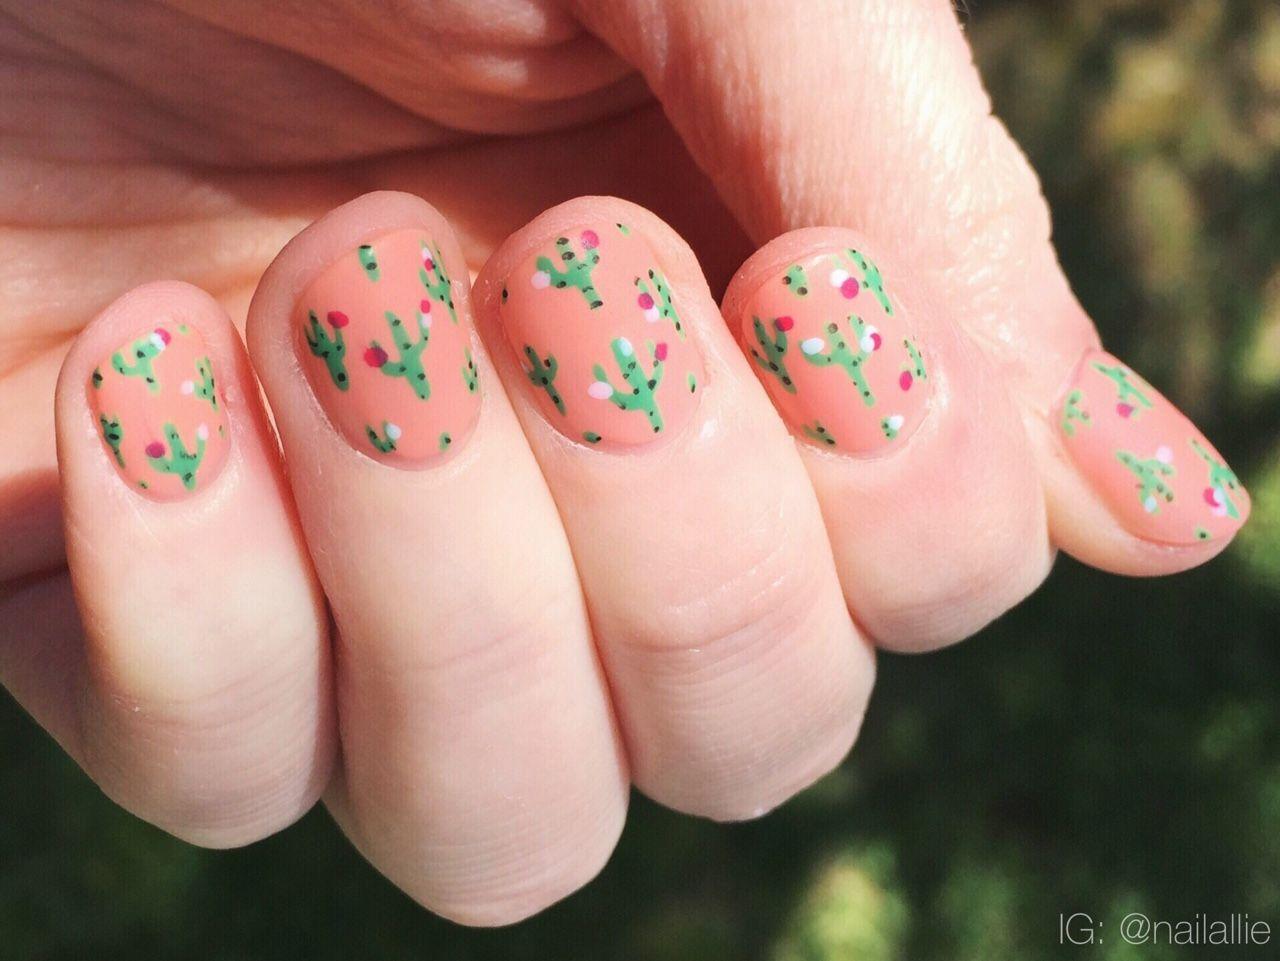 nailallie: Cactus nails!   animal~character~story nails   Pinterest